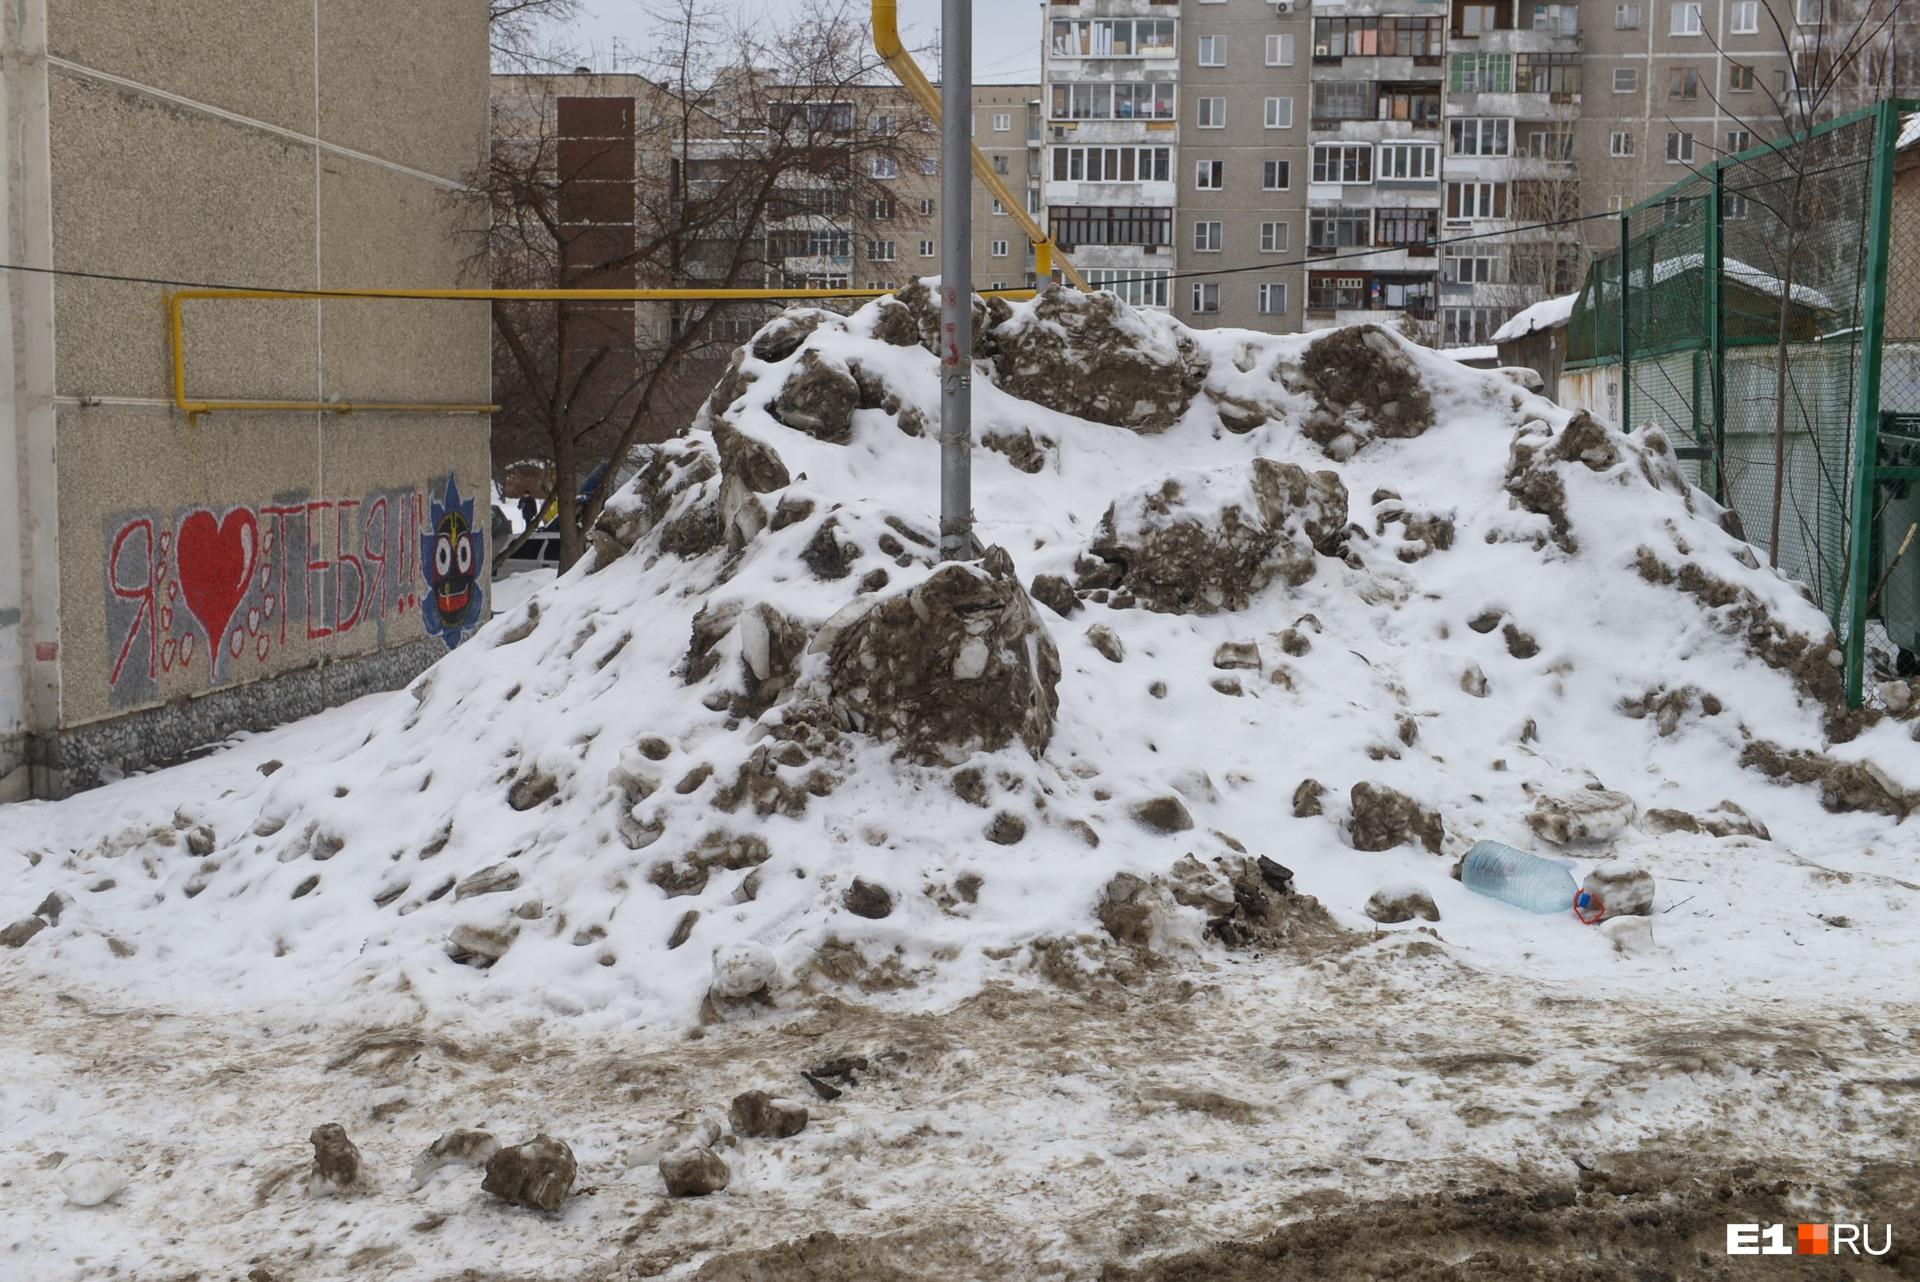 Кстати, вывоз снега из двора — это уже дополнительная опция, в обязанности УК это не входит